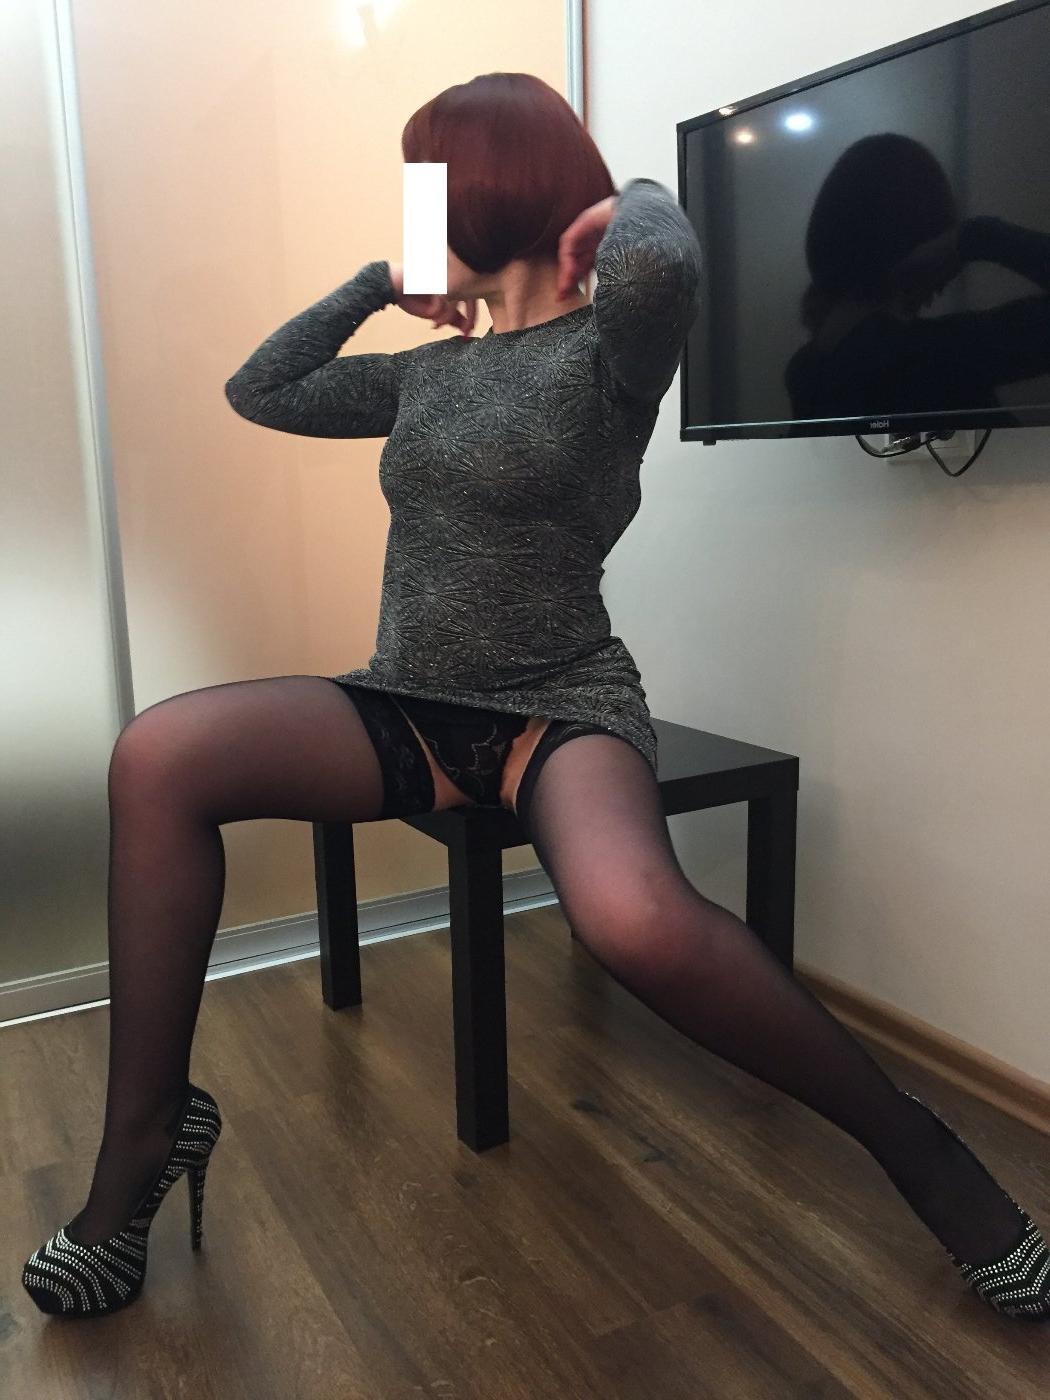 Проститутка ГОСПОЖА-АЛЛА, 23 года, метро Боровское шоссе